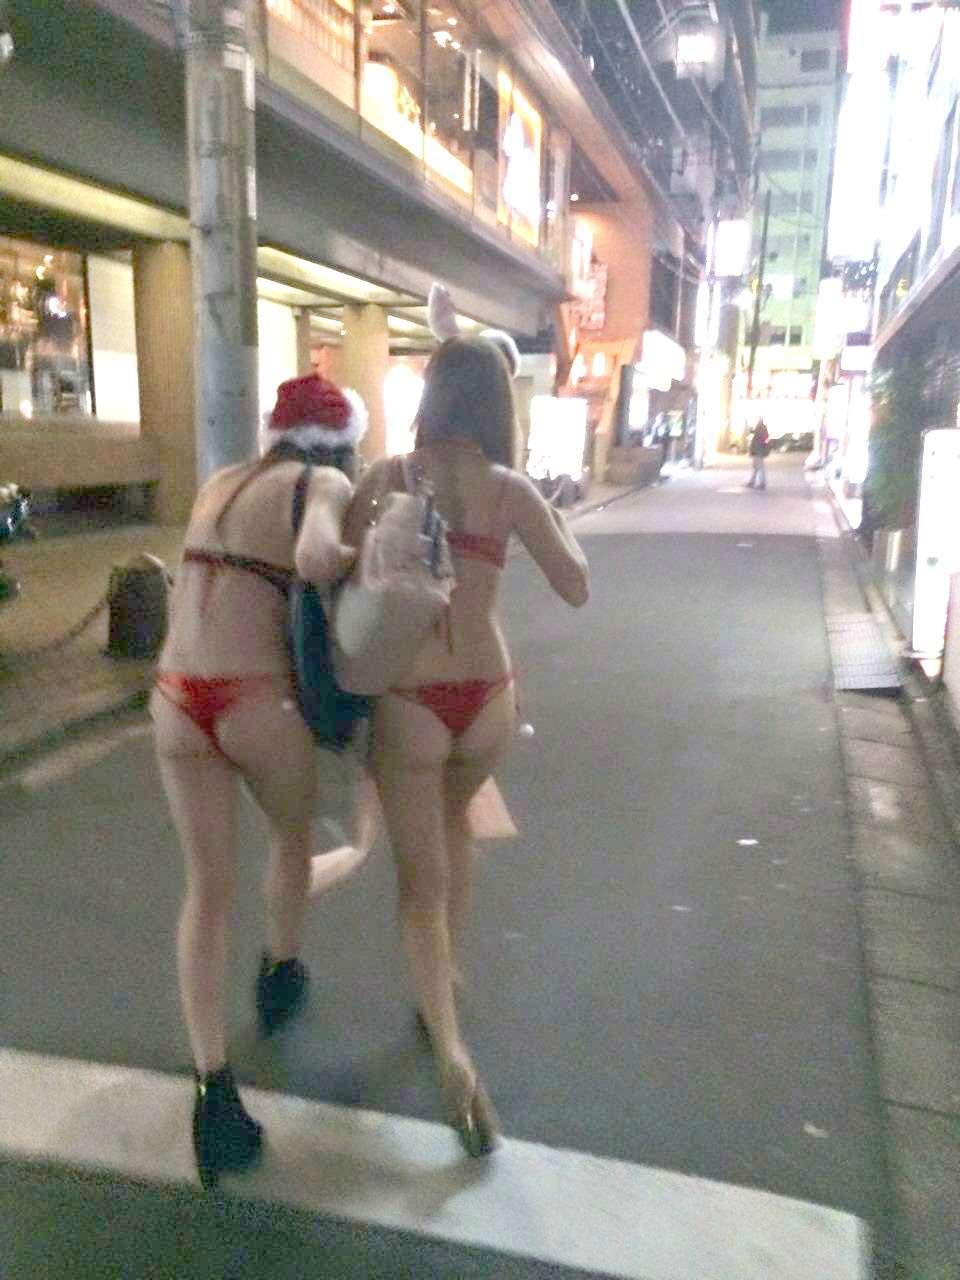 【画像】渋谷ハロウィン、とんでもない格好をした女が現れるw